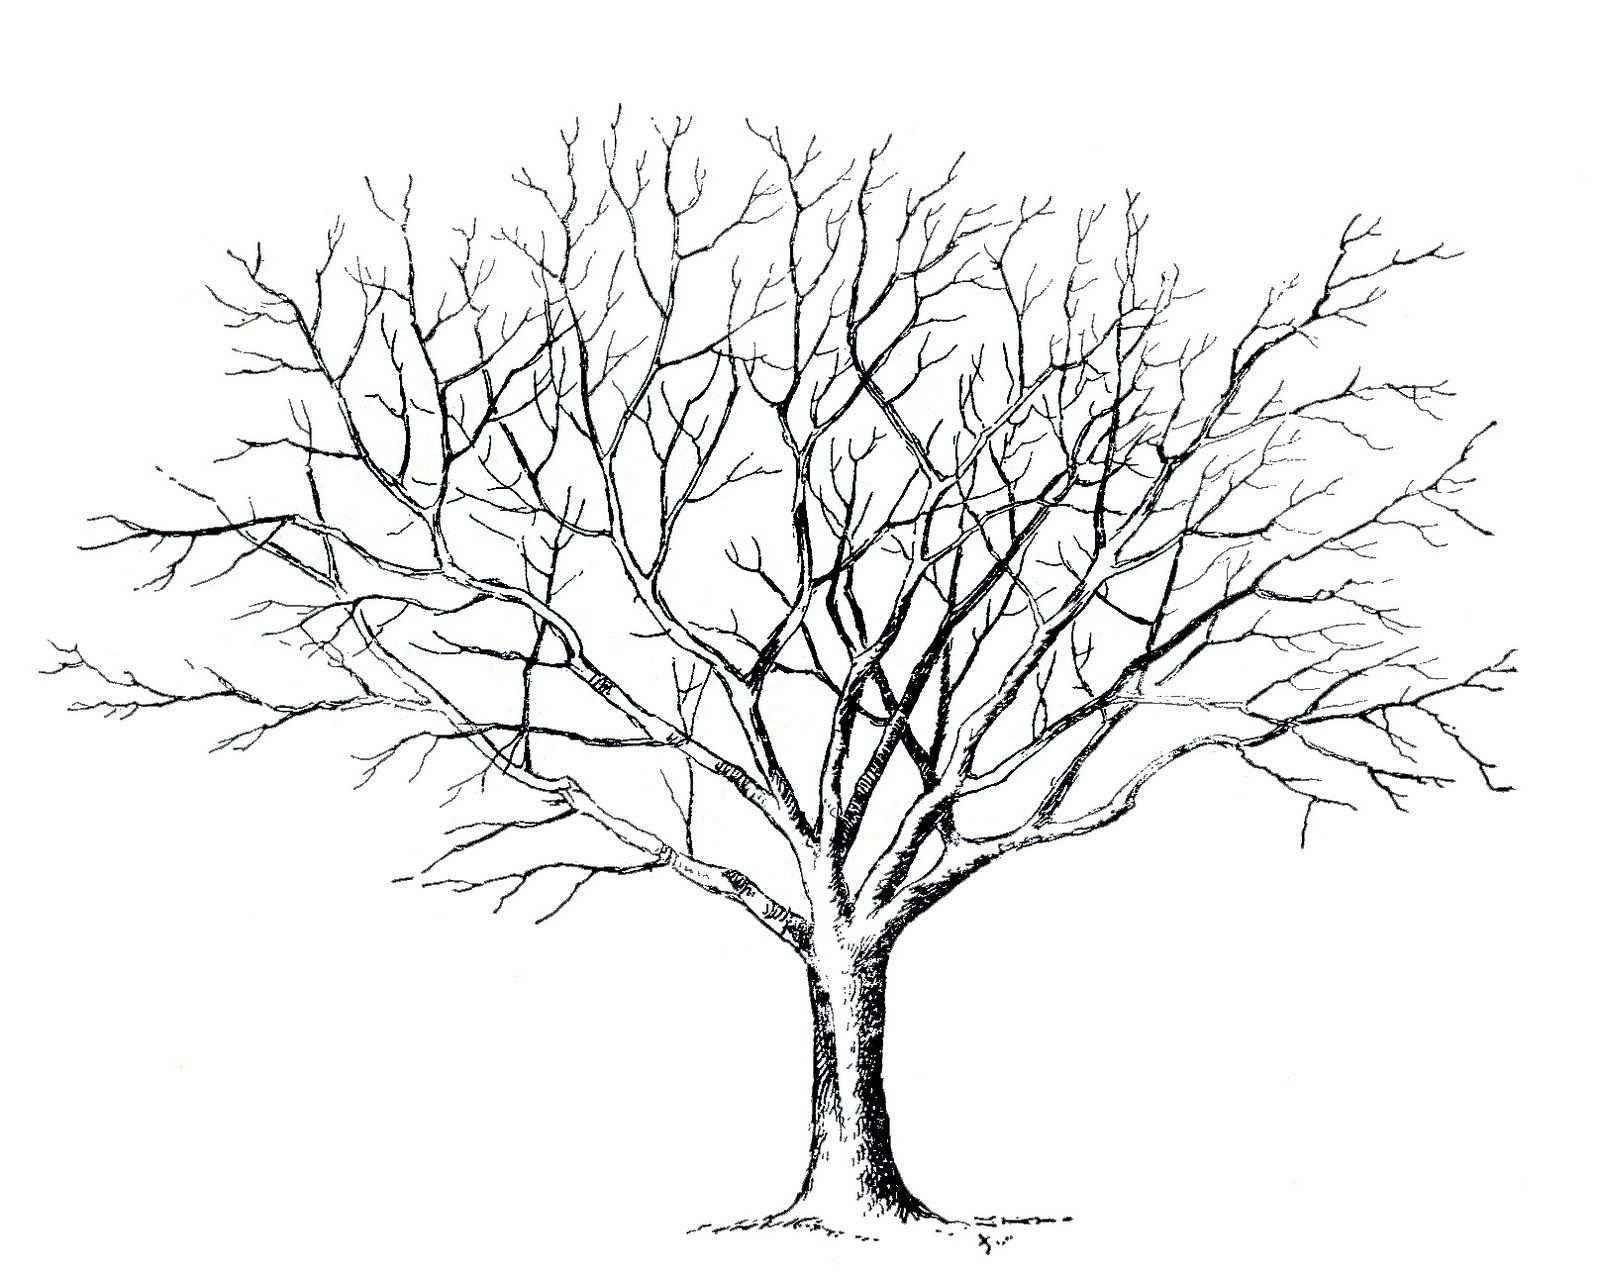 Malvorlage Baum Ohne Blatter Baum Zeichnung Baum Vorlage Blattzeichnung